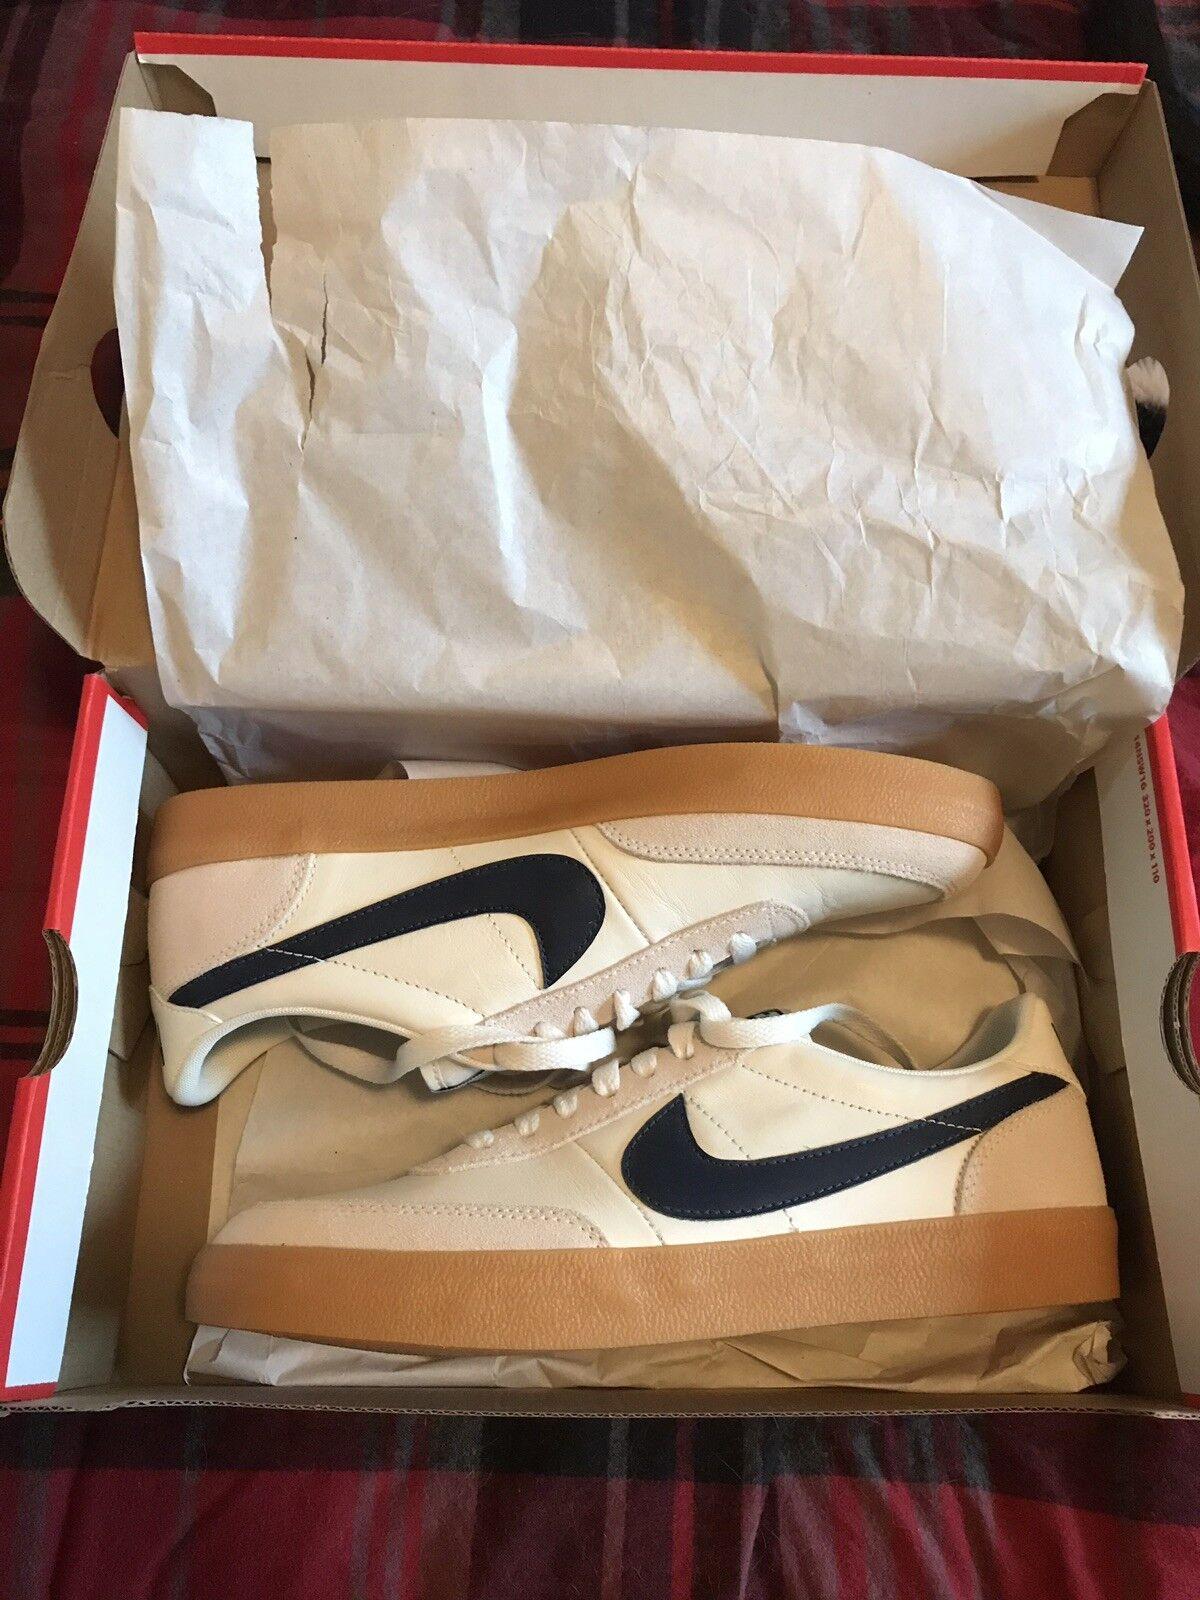 Nike x J. Crew Killshot 2 - Uomo Size 8.5, 8 1/2 - New in Box